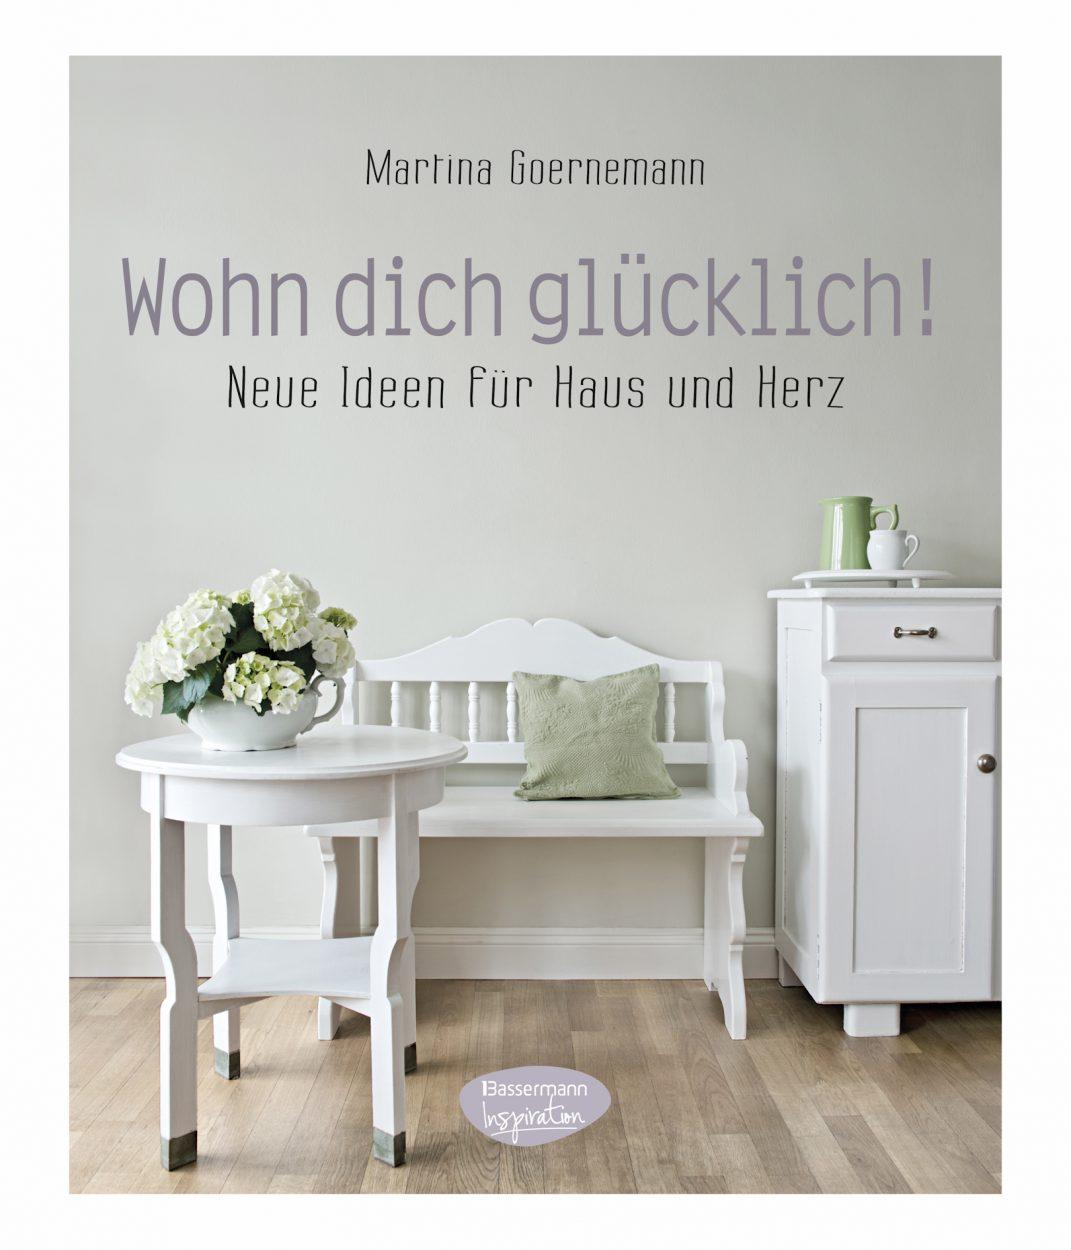 Sonia_Folkmann_Wohn dich gluecklich-20